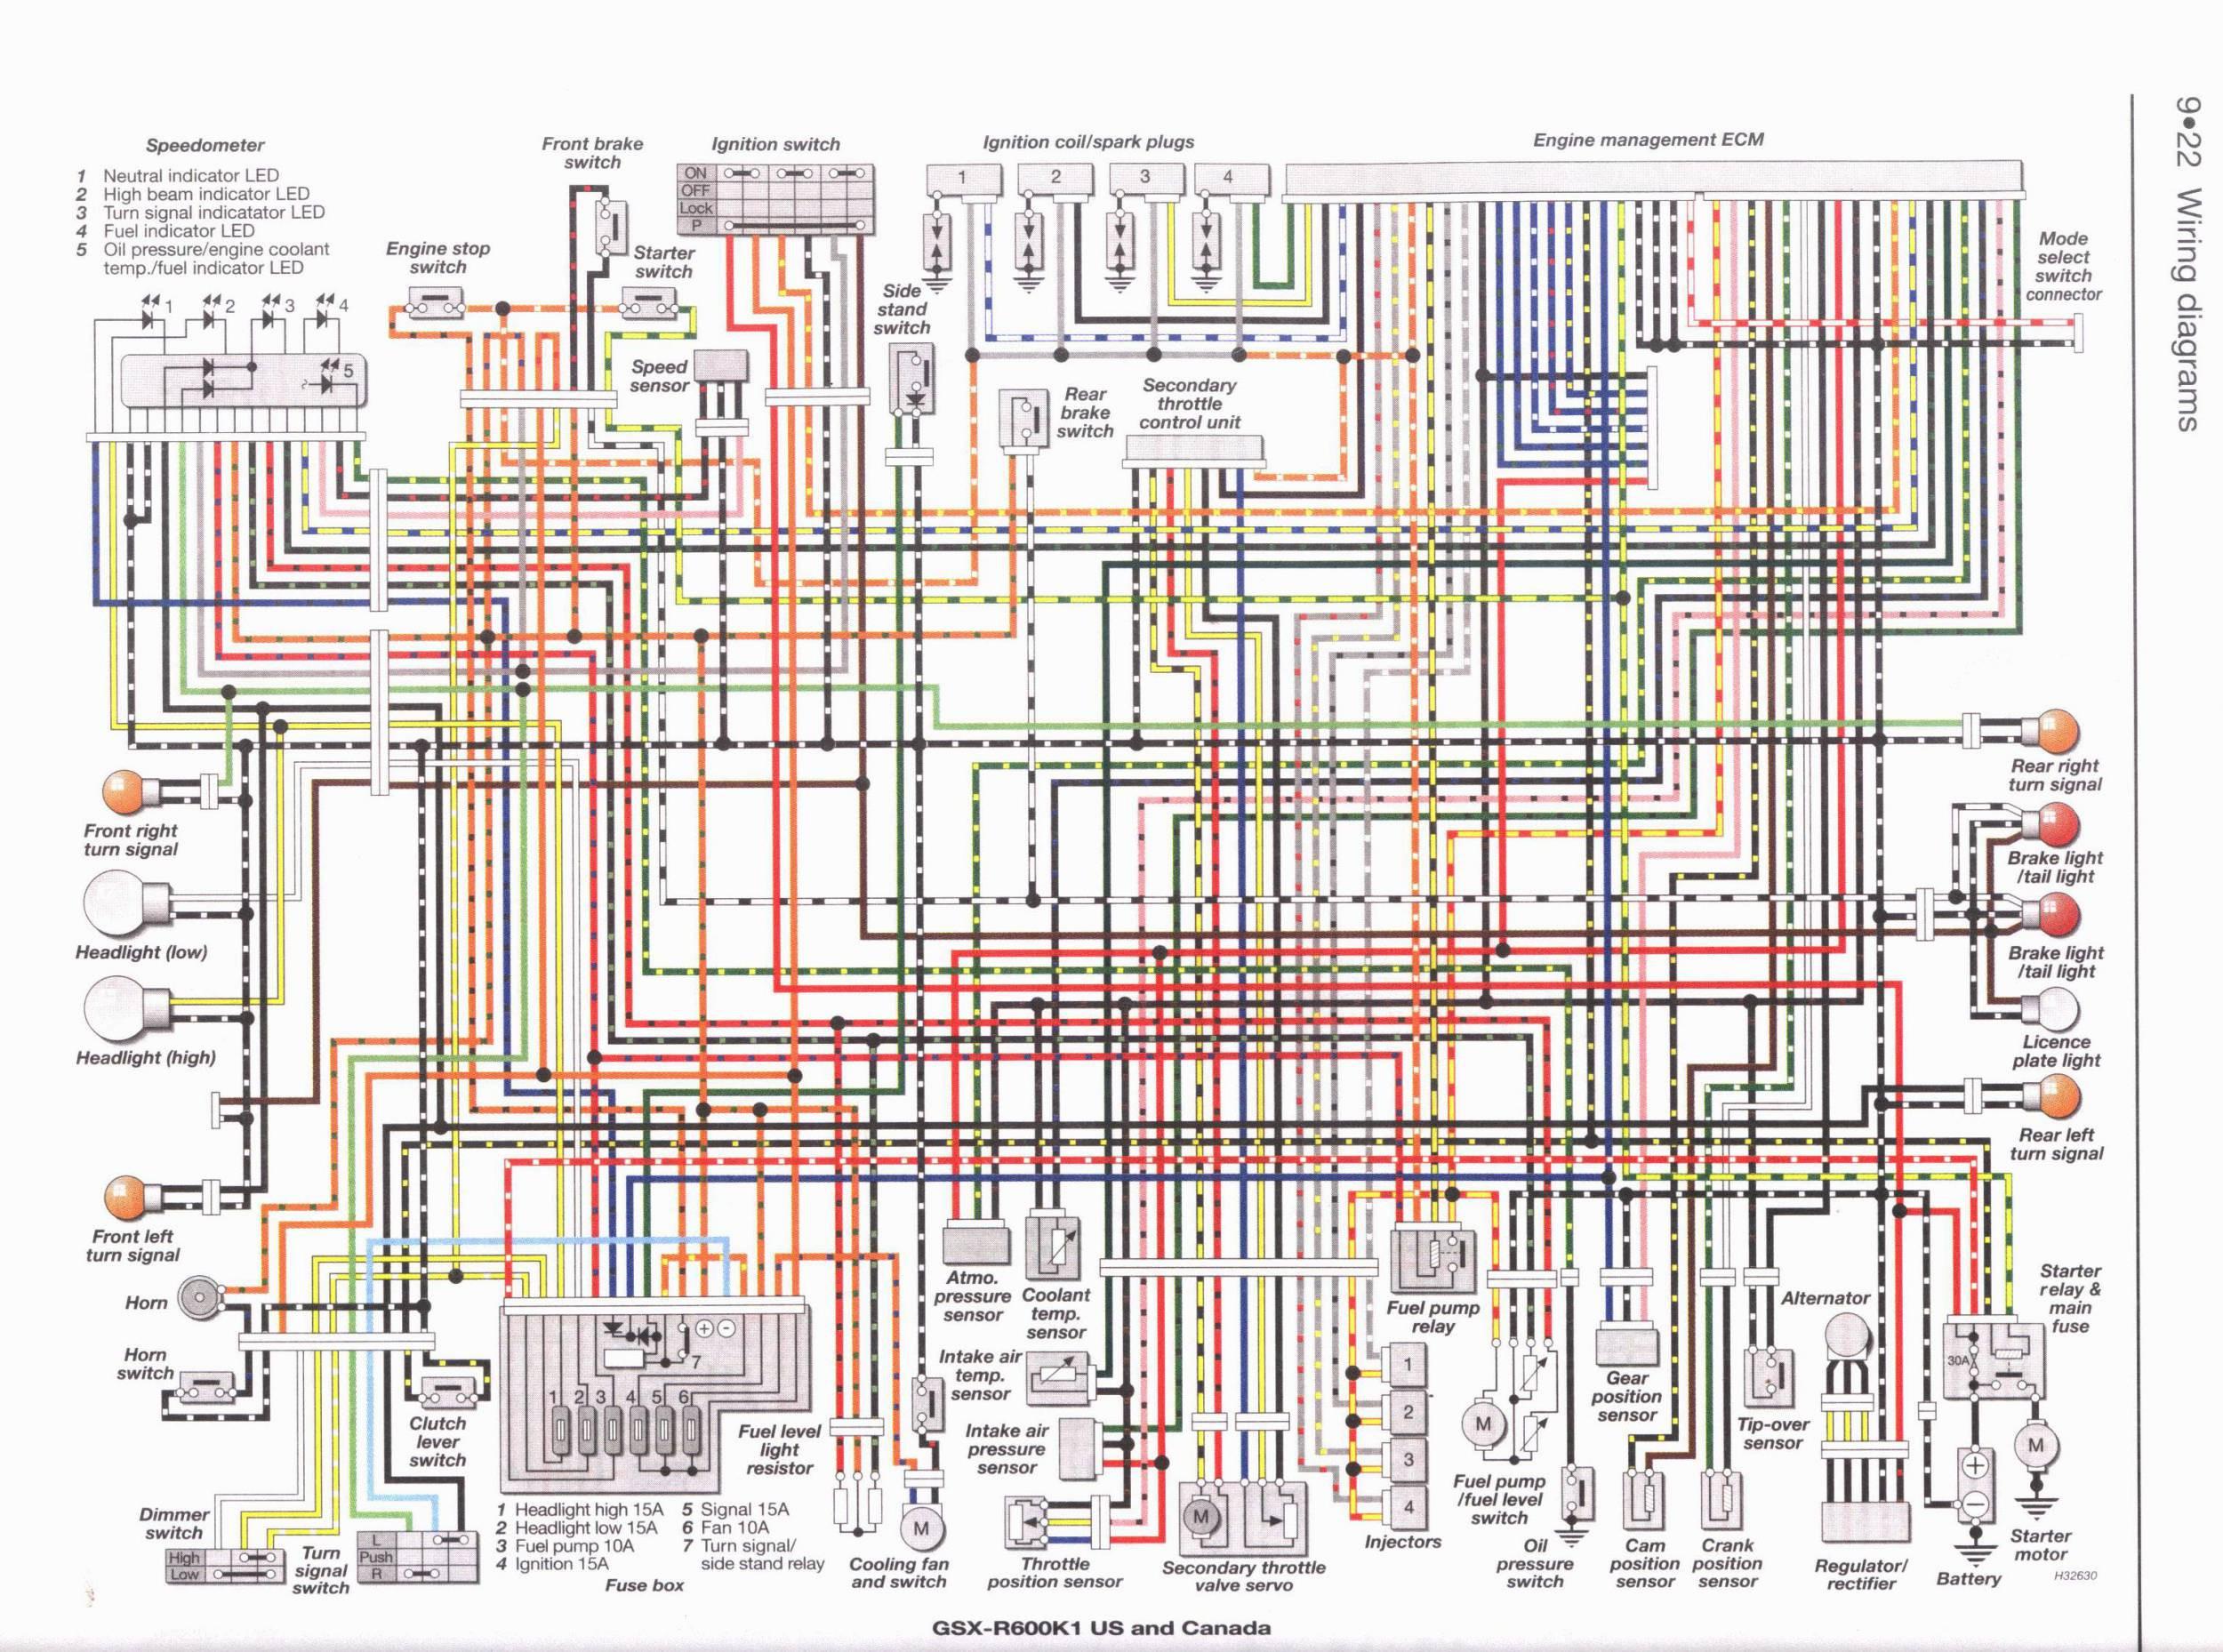 Schema electrique gsxr 1000 k8